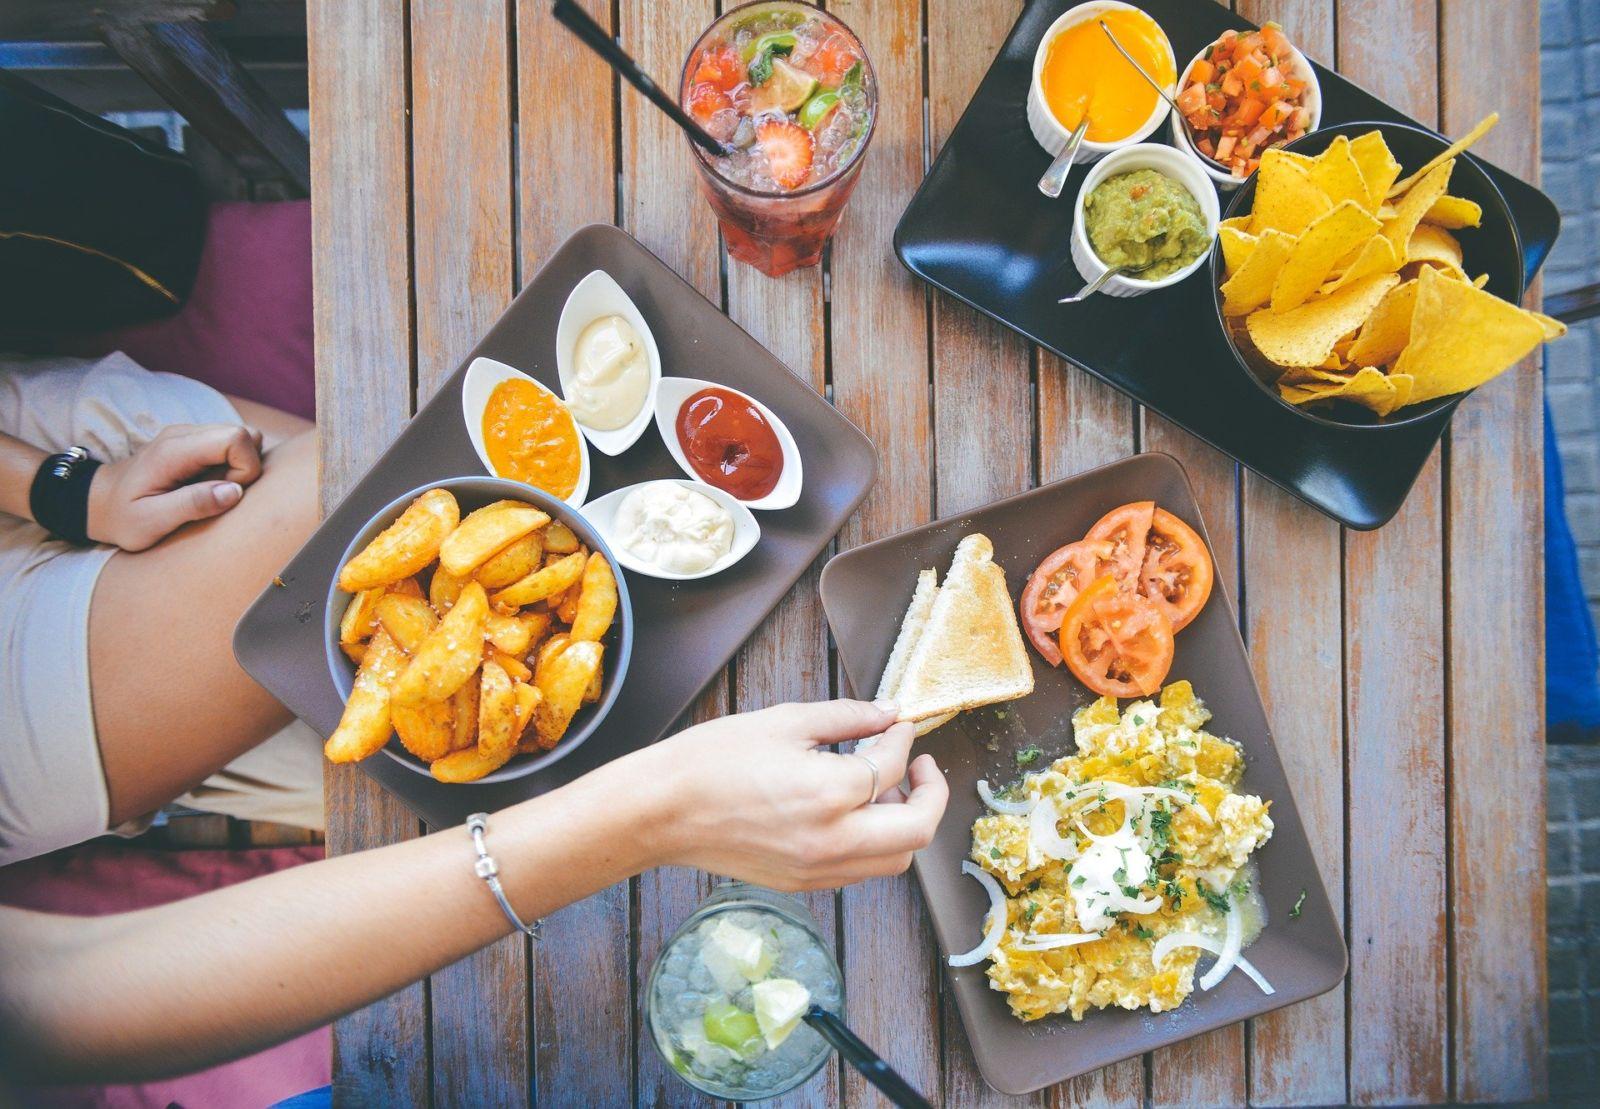 afslanken zonder dieet tip van de week 8